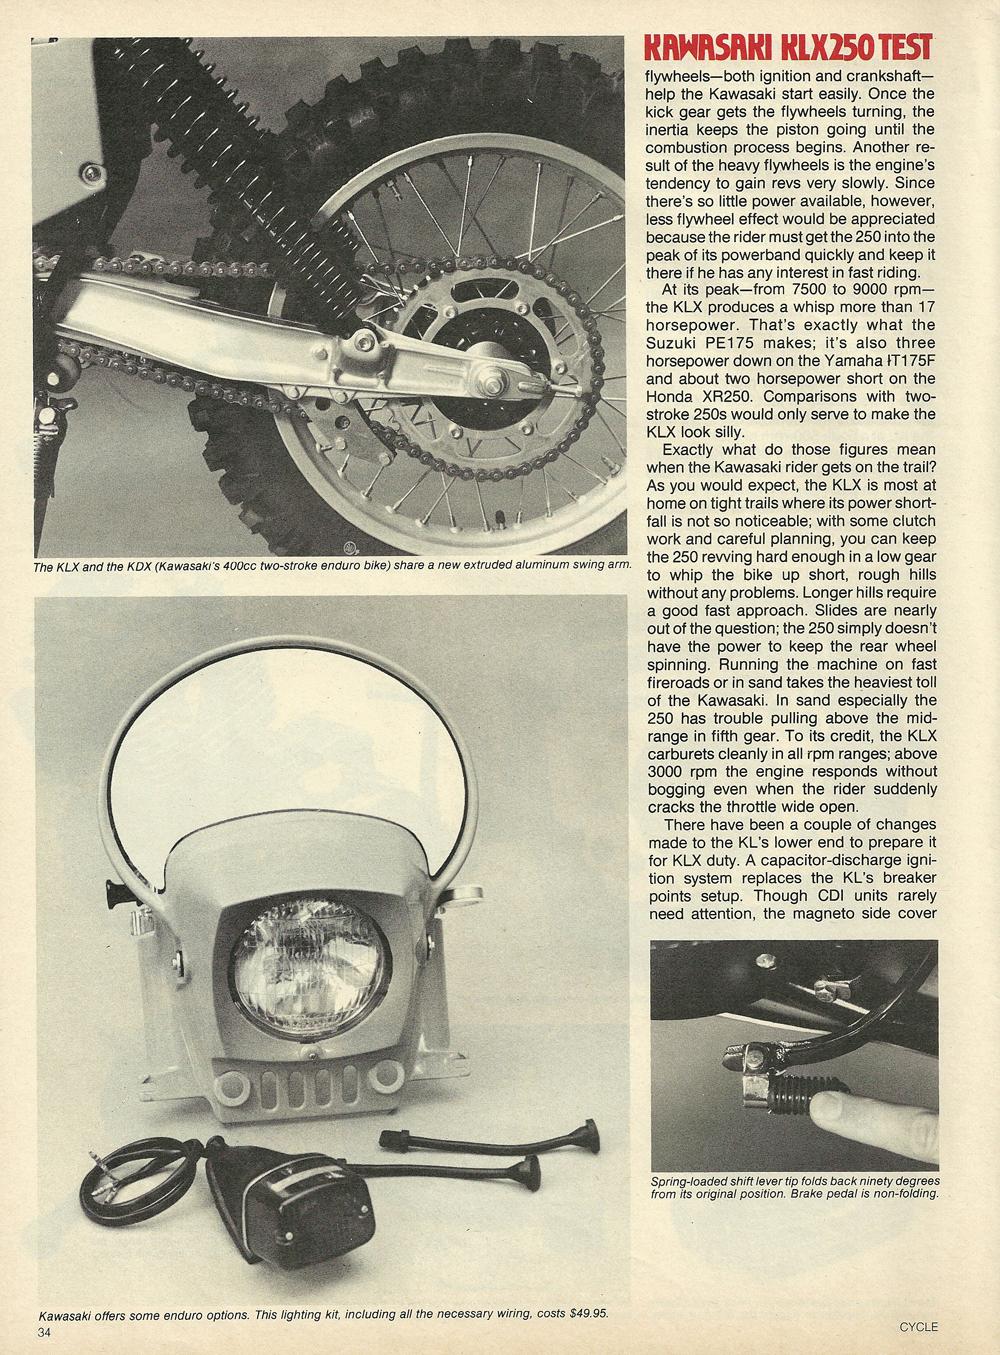 1979 Kawasaki KLX250 off road test 5.jpg